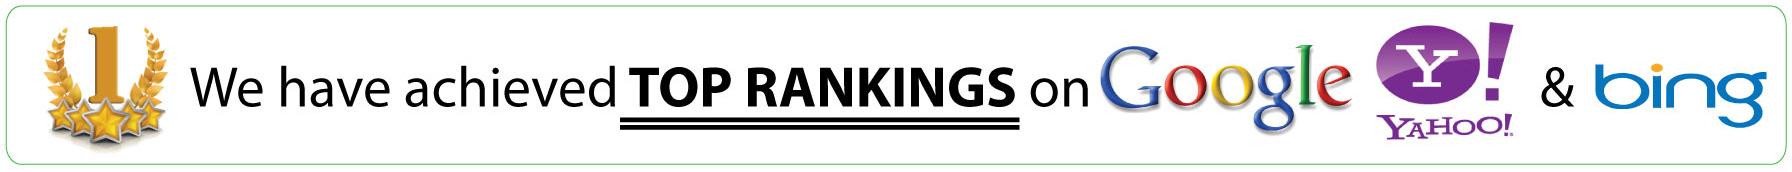 Top-Rankings-Google2